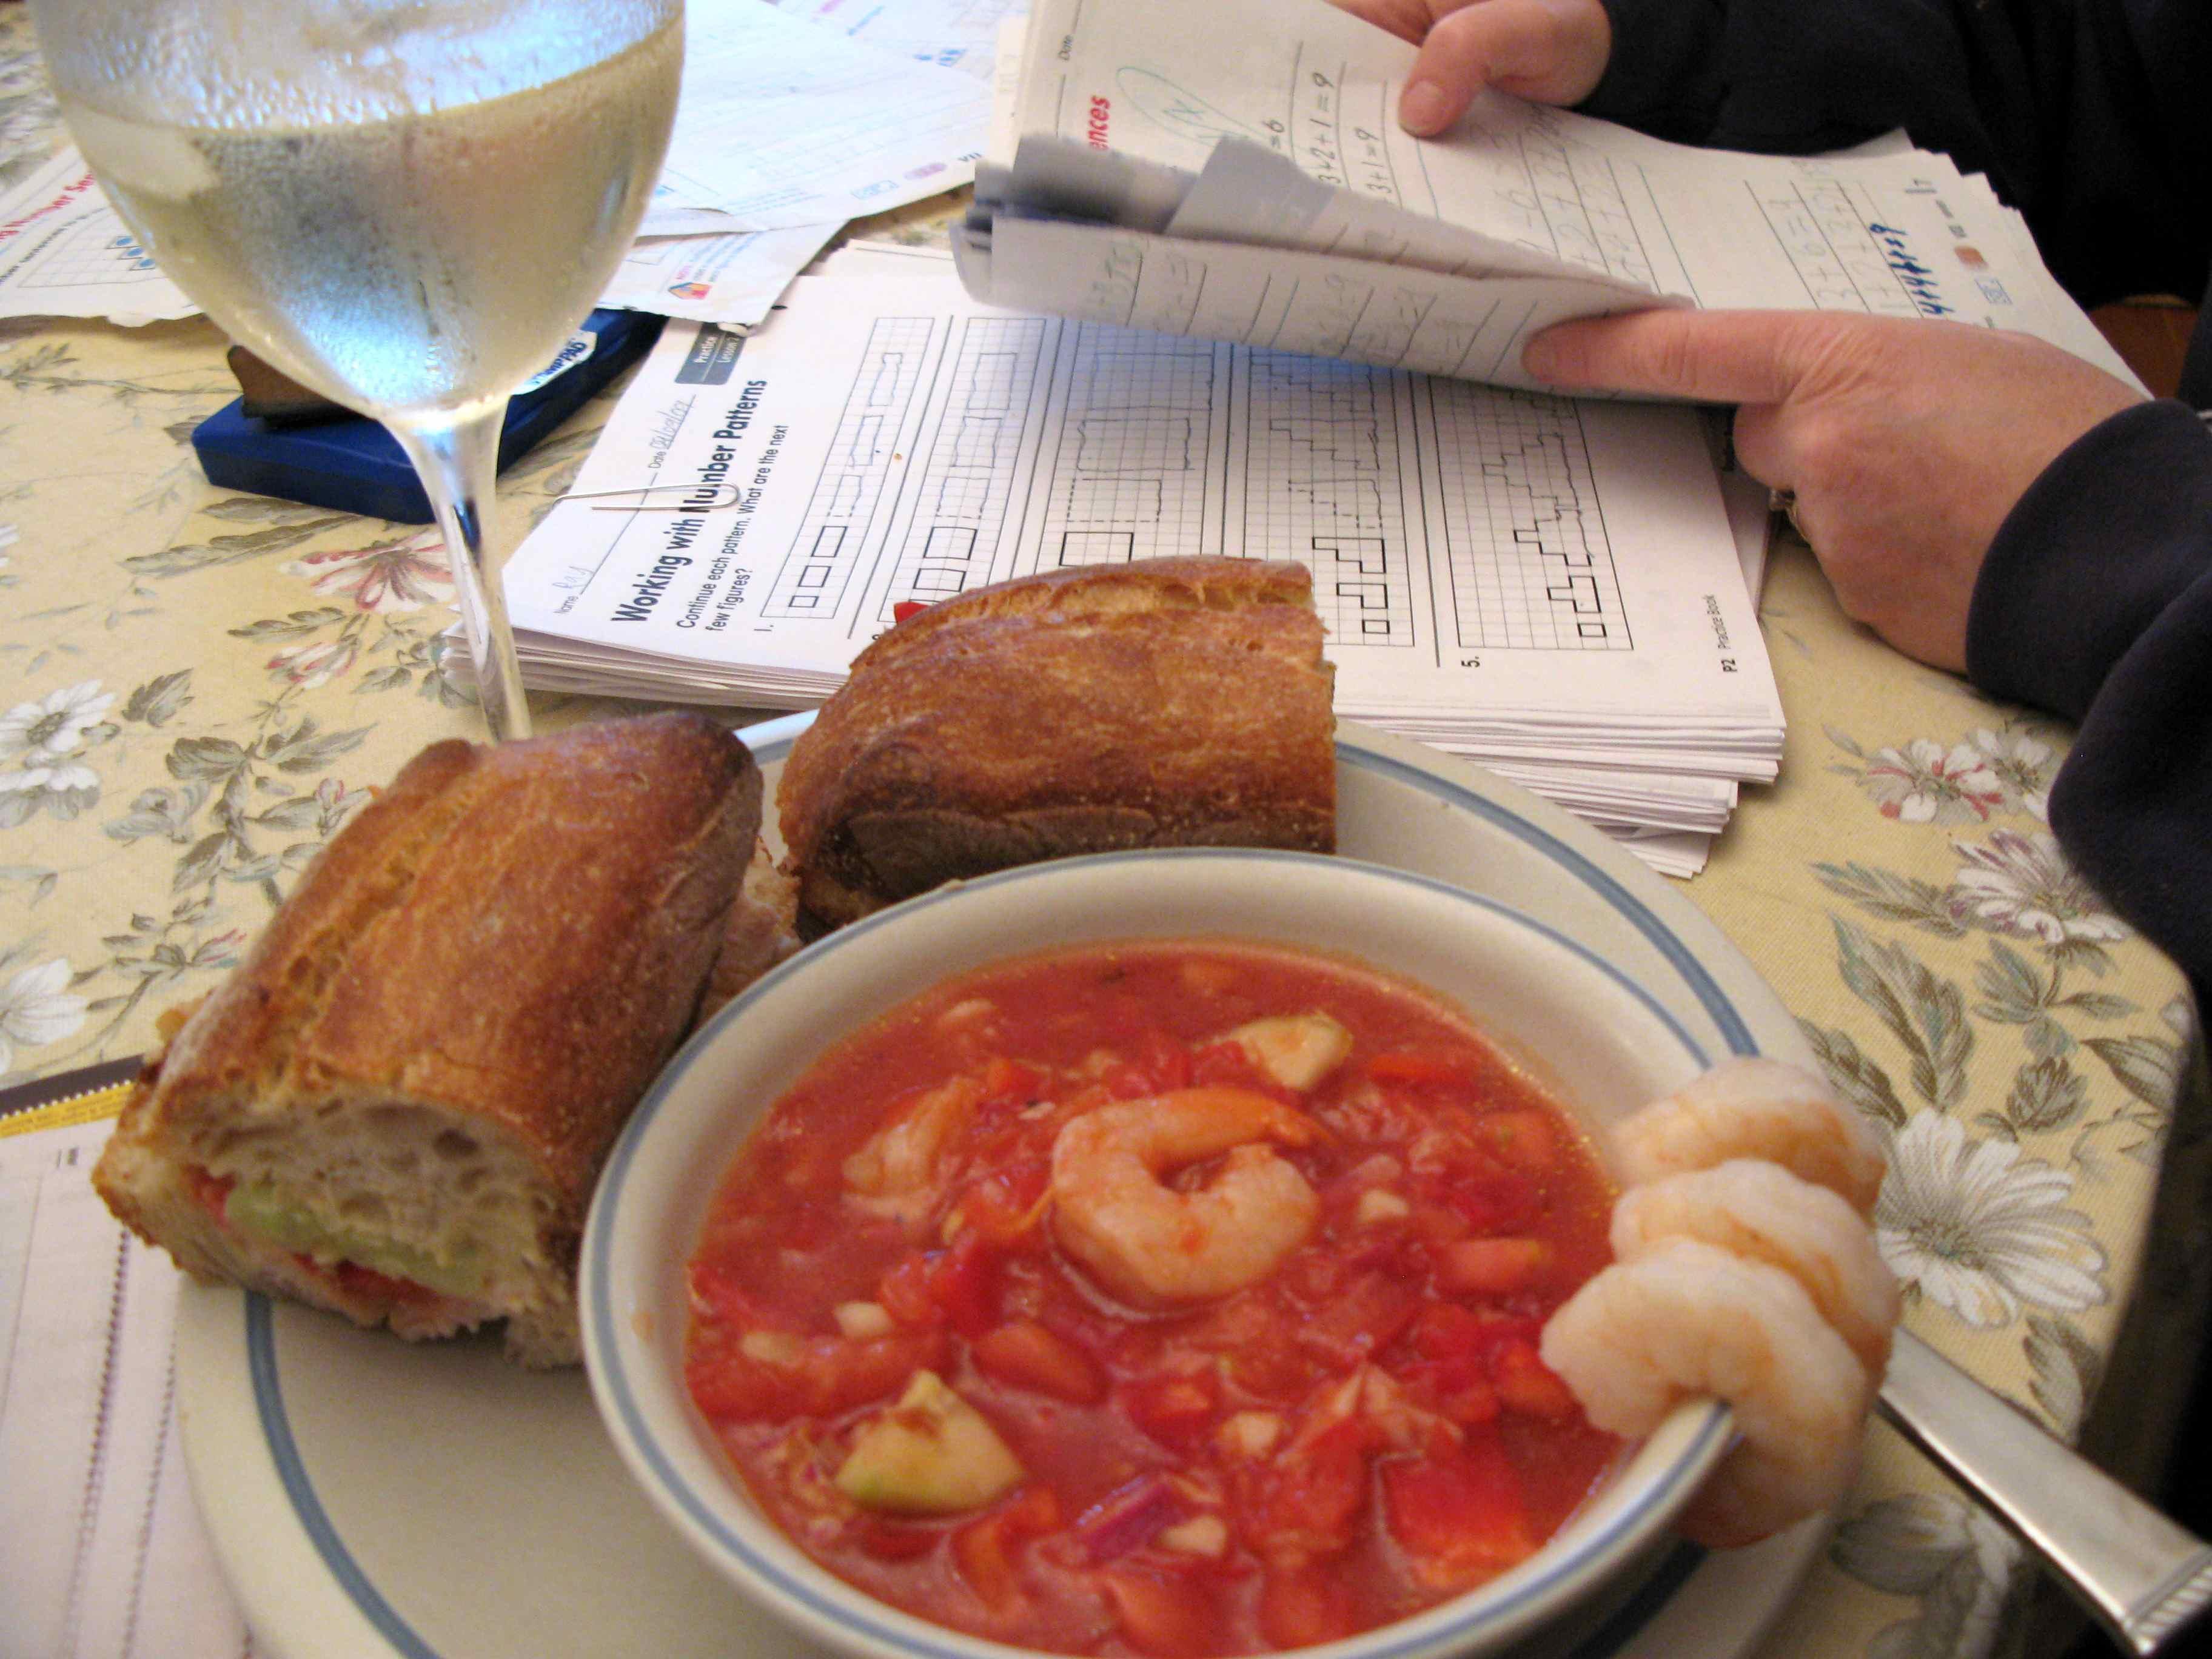 Work Night Dinner: Octopus's Garden Gazpacho/Sandwiches